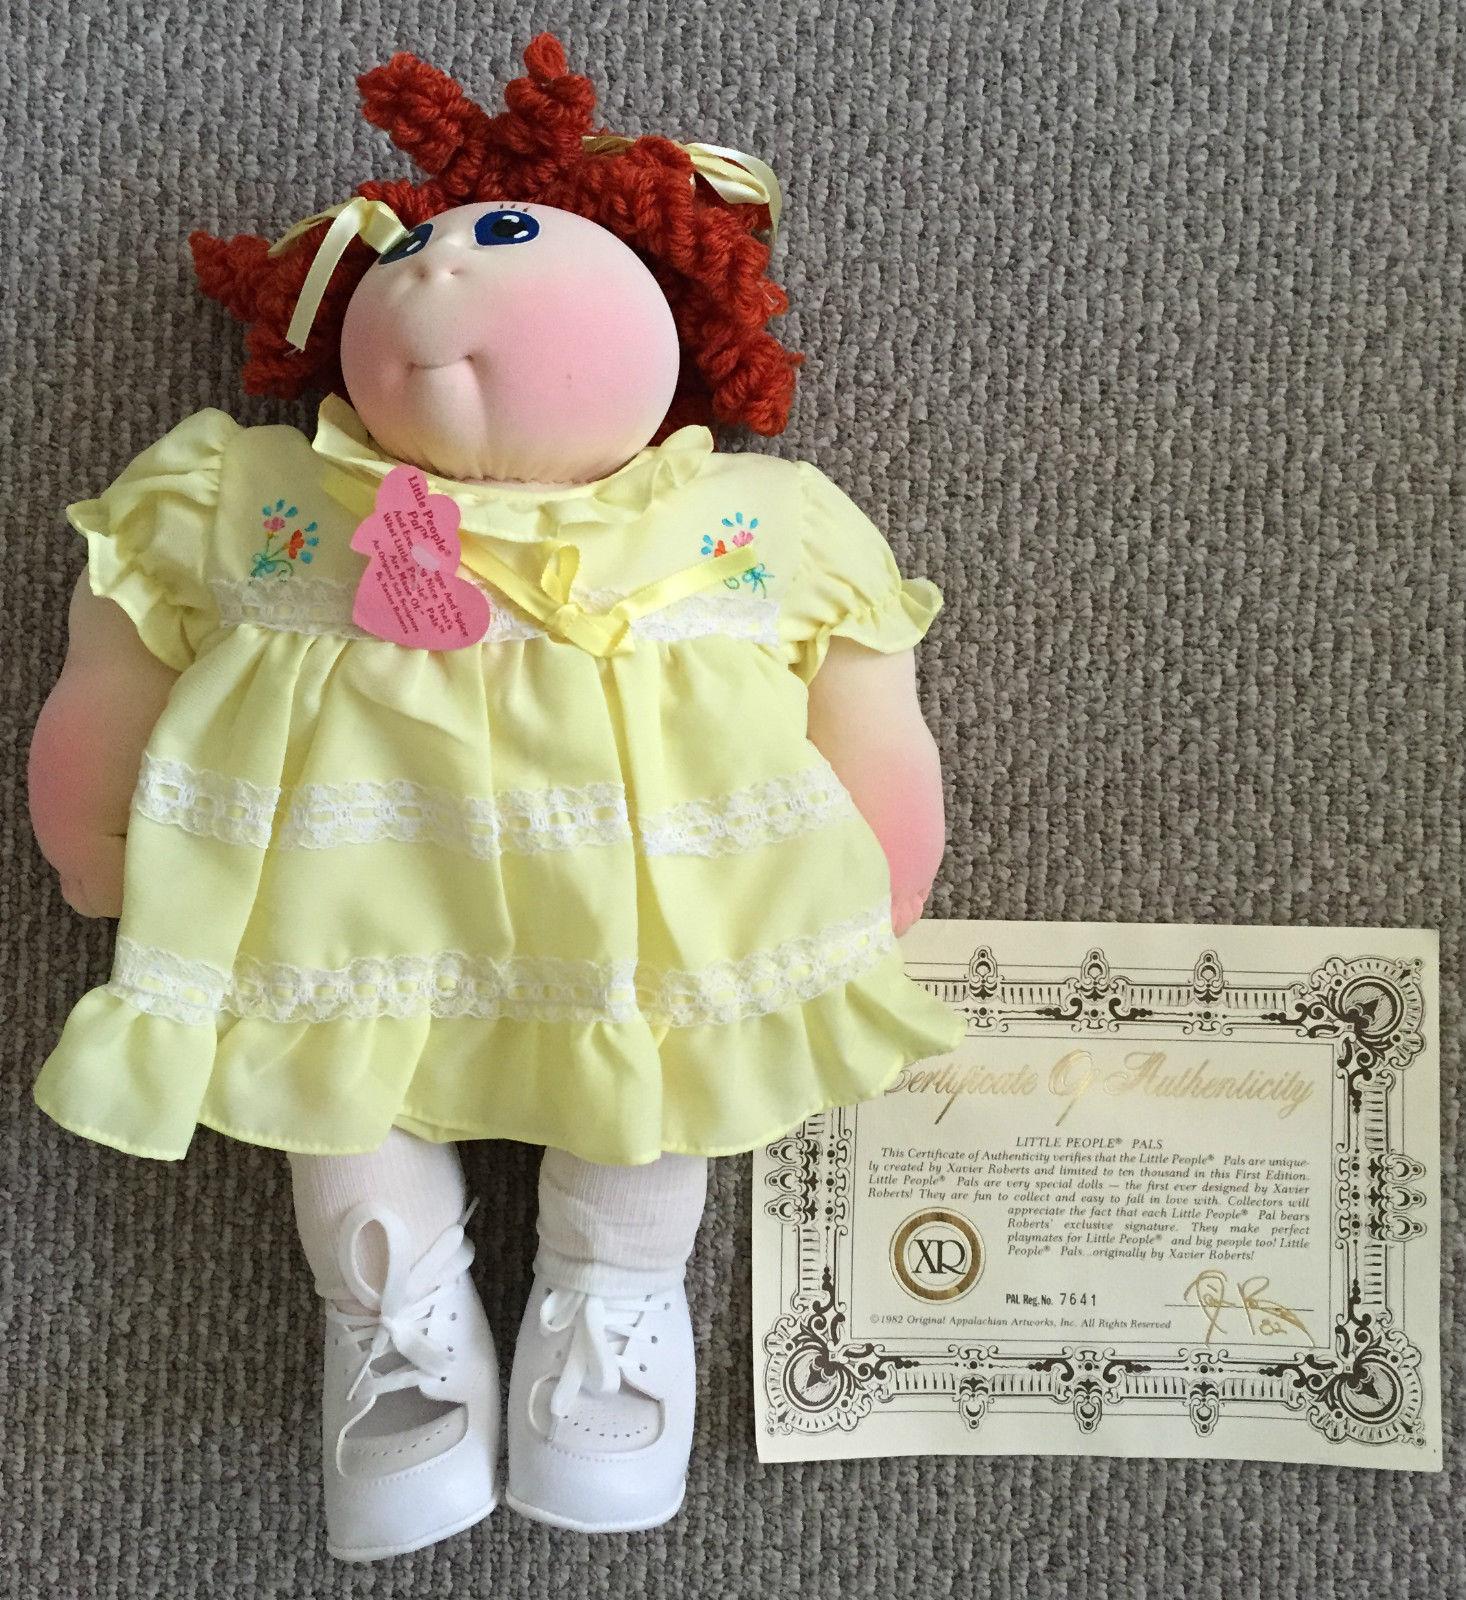 Jahr  NEW klein menschen Pals Cabbage Patch Kid XAVIER ROBERTS Doll 1982  7641